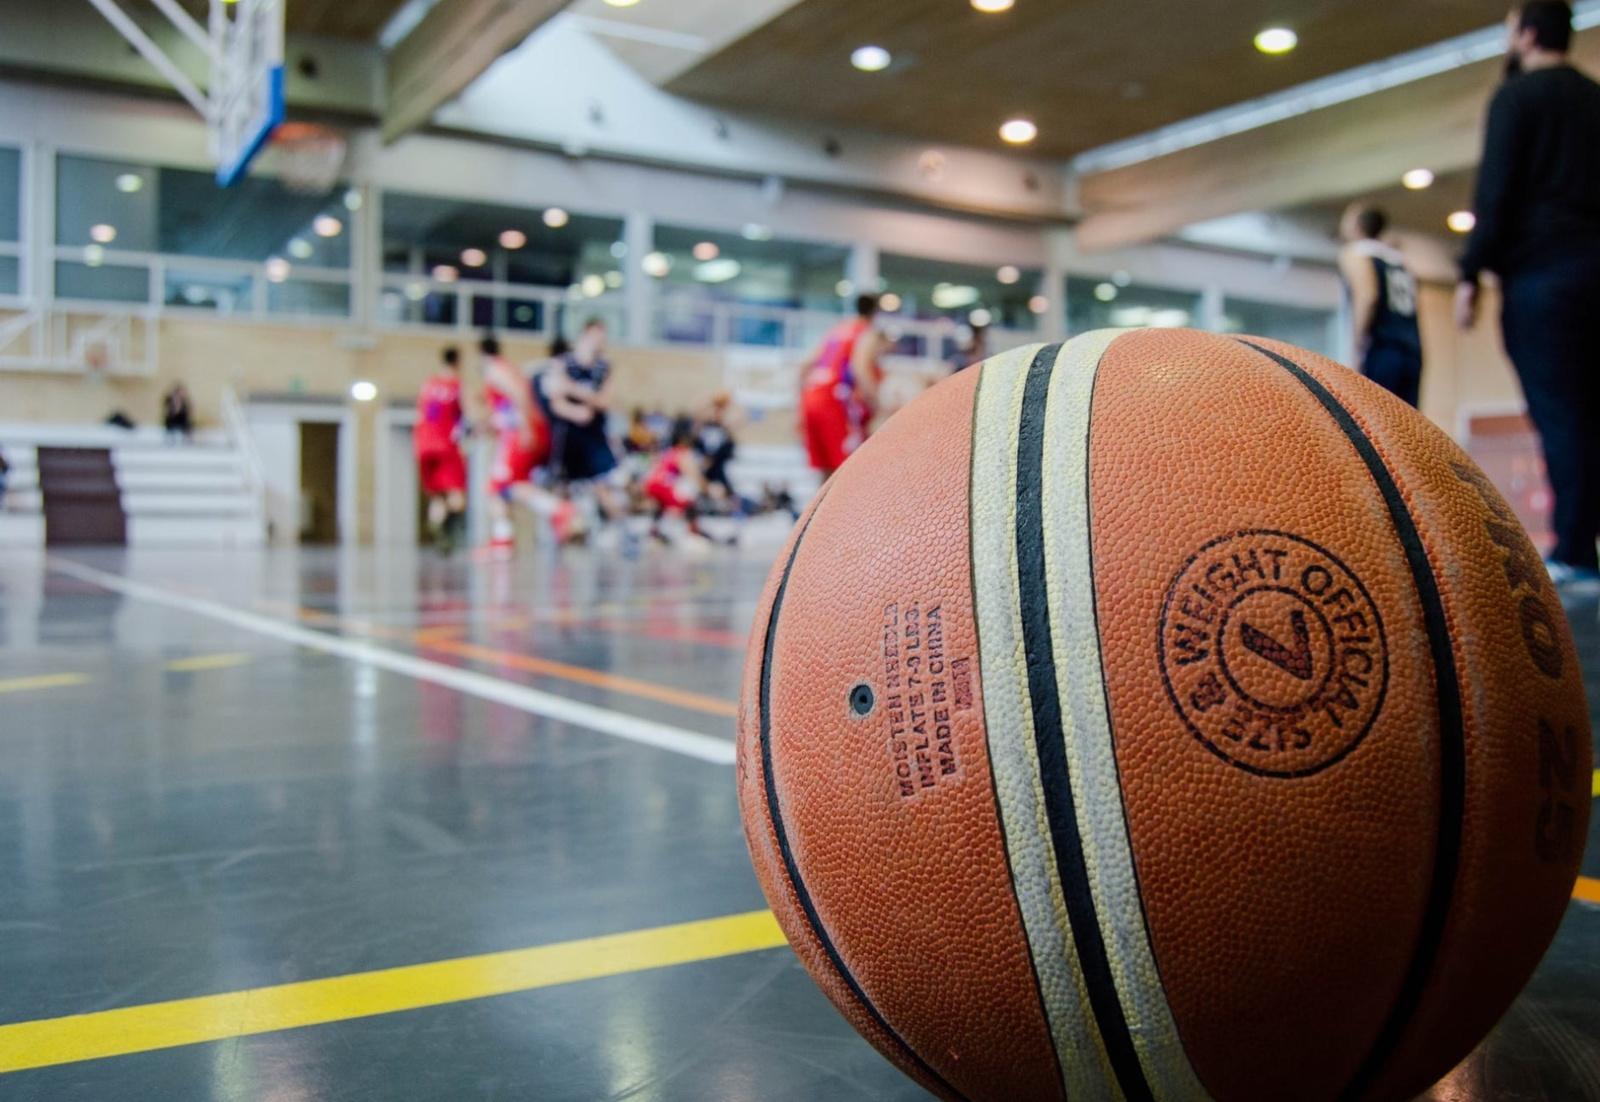 Sporto mėgėjams jau leidžiama treniruotis mokyklų sporto salėse